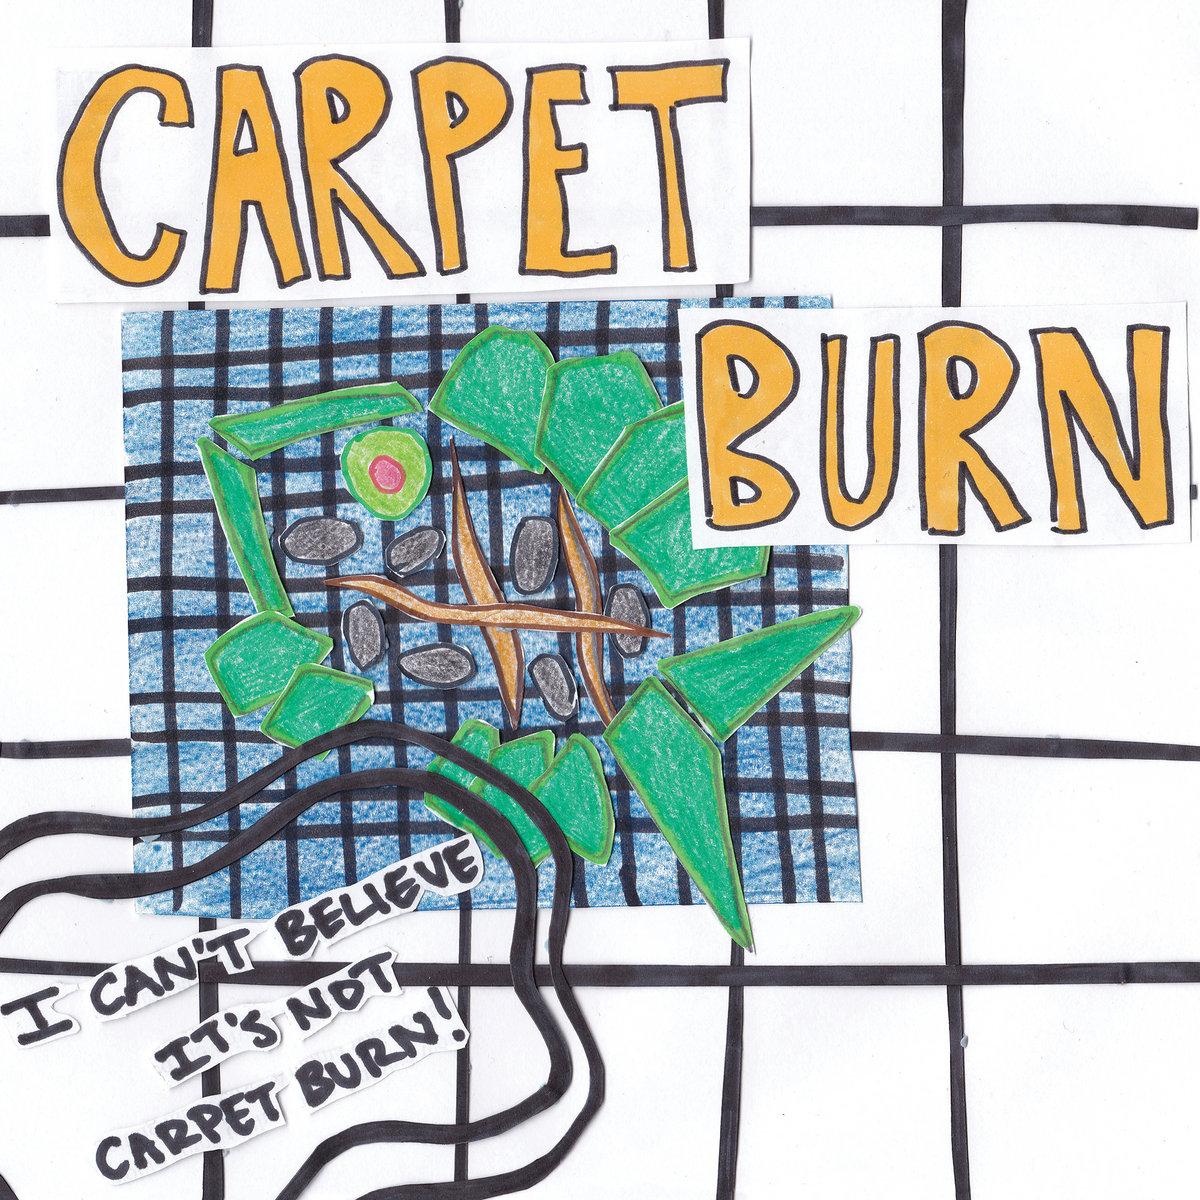 Carpet Burn - I Can't Believe It's Not Carpet Burn